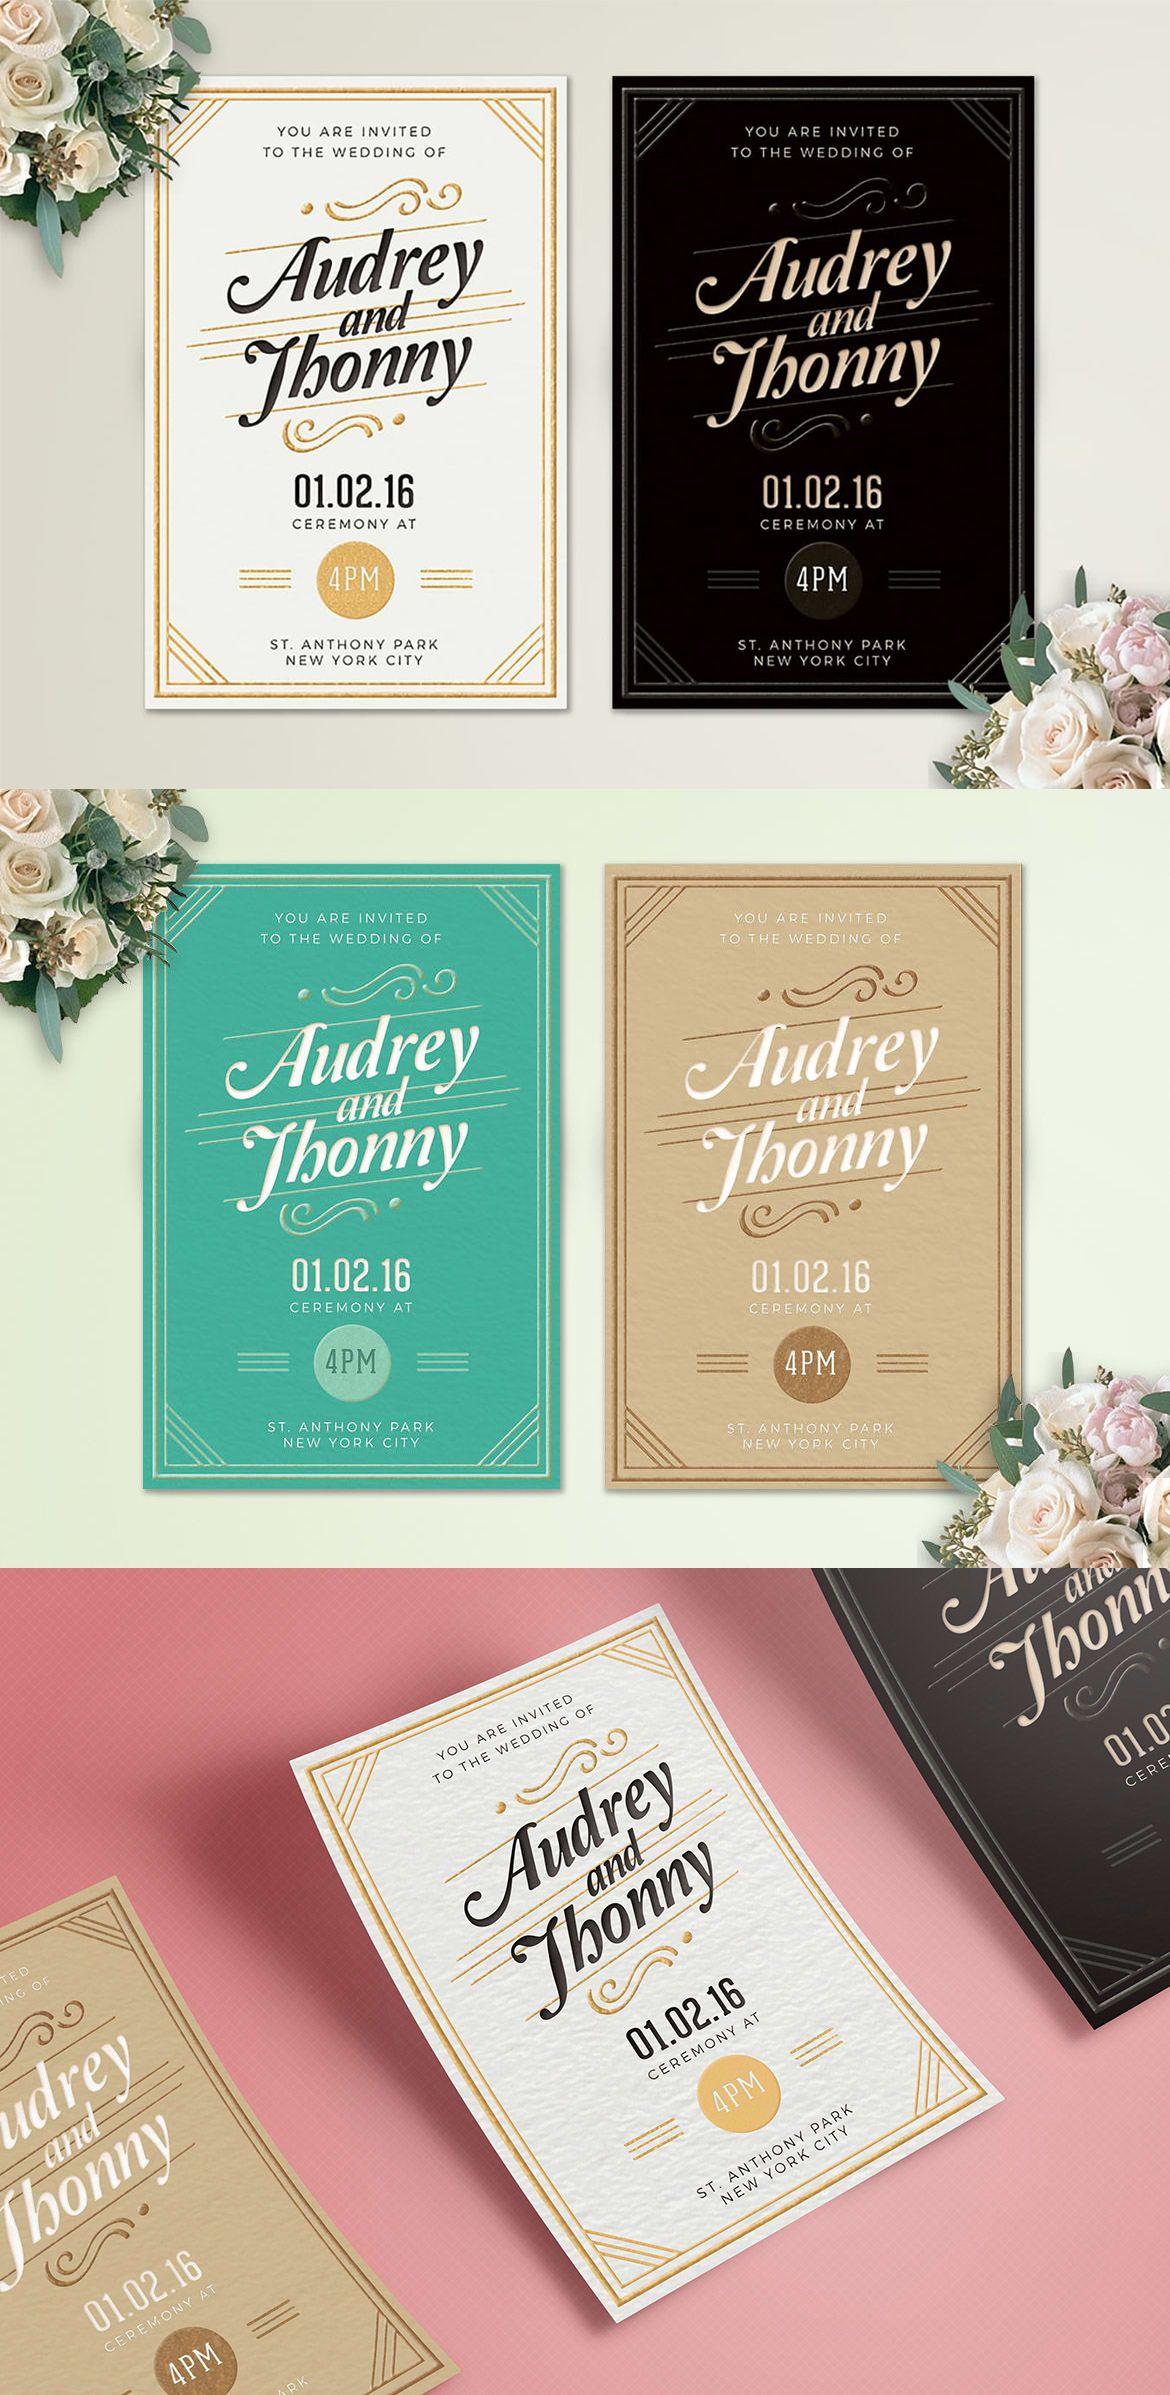 Simple Elegant Wedding Invitation Card Template Ai Psd Simple Elegant Wedding Wedding Invitations Wedding Invitation Card Template